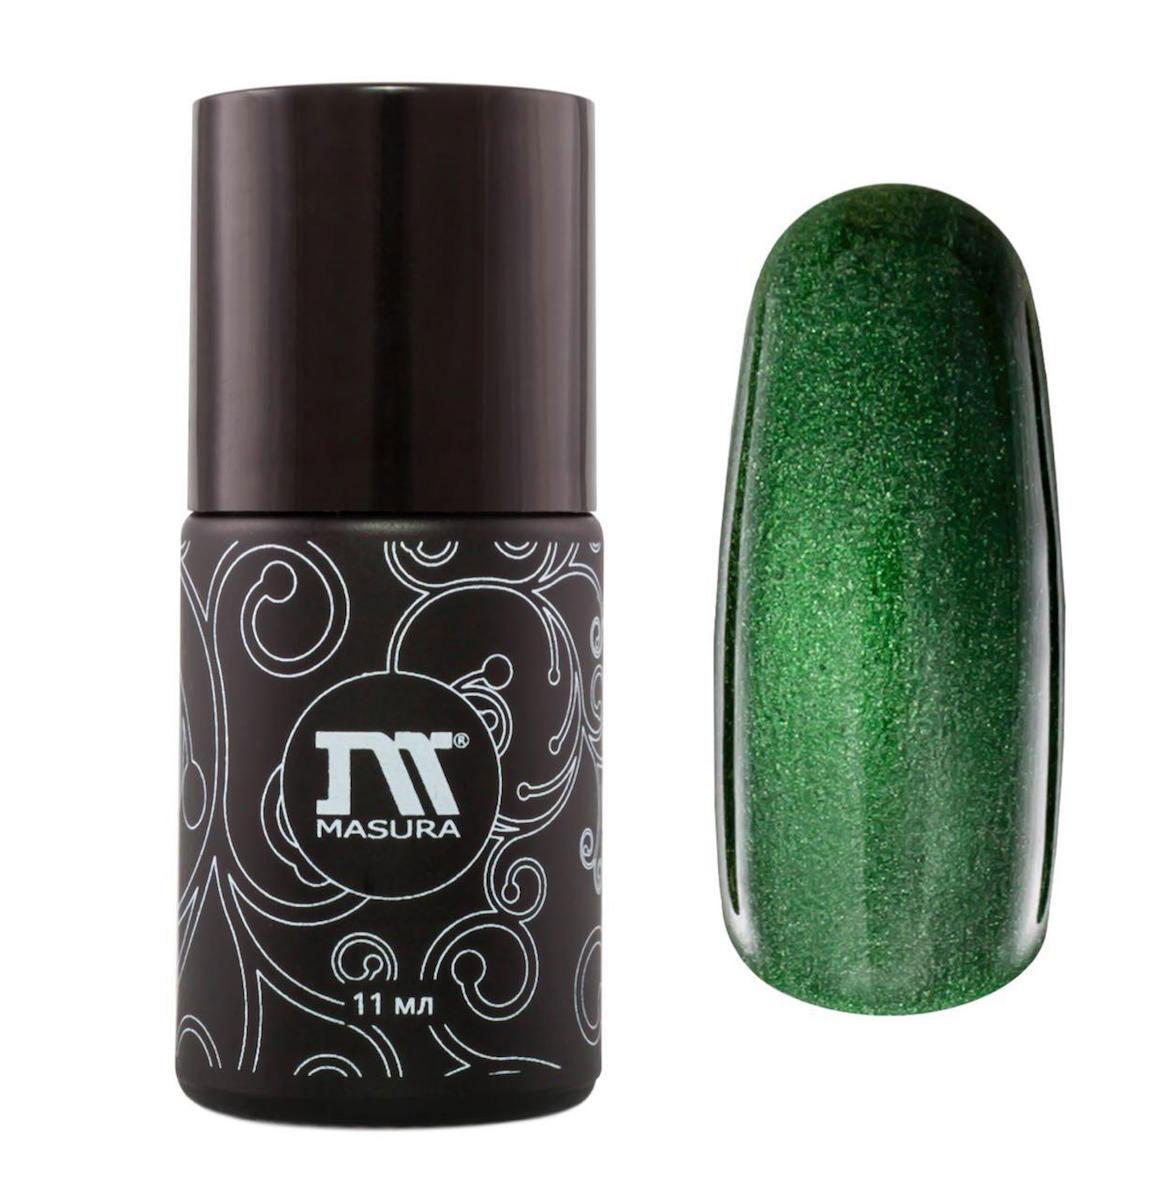 Masura Гель-лак трехфазный Фаберже, тон №295-03, 11 мл30536046105Фаберже из коллекции гель-лаков Masura Драгоценные камни - это превосходный теплый изумрудно-зеленый оттенок, с зеркальным переливом, плотный.Маникюр с данным гель-лаком подойдет не только для особого случая, но и на каждый день, не надоест и сможет выгодно подчеркнуть любой образ. Этот насыщенный оттенок отлично сочетается с любыми цветами в одежде, а невероятный эффект, созданный при помощи магнита, придаст каждому ноготку уникальный и неповторимый вид. С помощью магнита вы можете вывести на первый план серебро лака либо сам оттенок; один лак сочетает в себе множество возможностей для дизайна и нэйл-арта. Ко всему вышеперечисленному, вы можете использовать слайдер-дизайн или стемпинг. Тогда маникюр начнет играть новыми, удивительными красками, создавая образ неповторимой, творческой личности. Используя данный гель-лак Masura, вы станете обладательницей исключительного рисунка на ваших ноготках и привлечете к себе внимание окружающих. Товар сертифицирован.